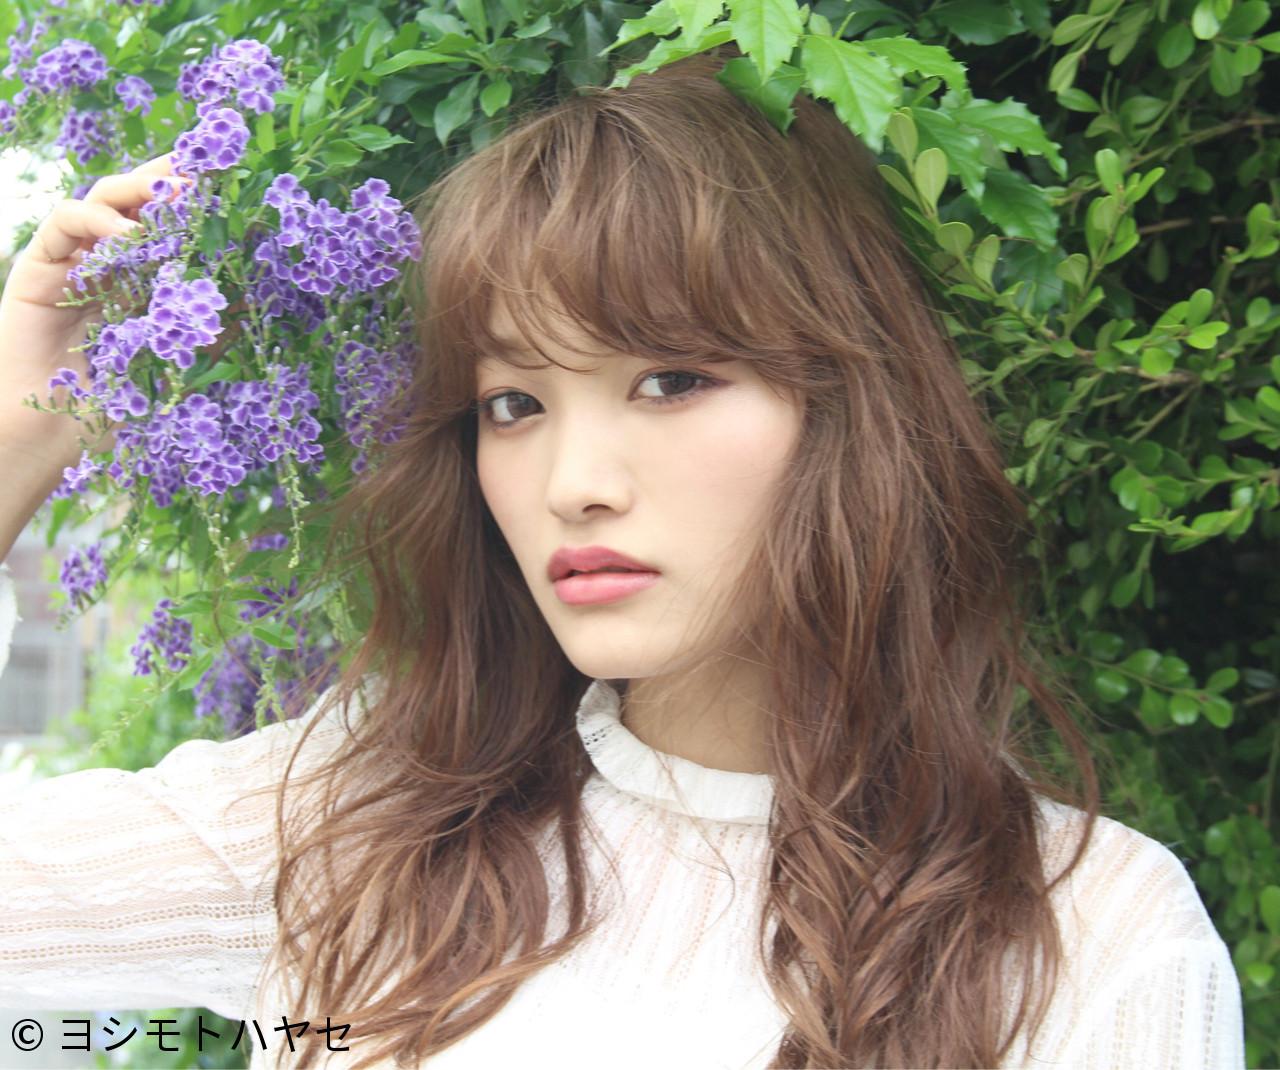 リラックス デート ウェーブ 雨の日 ヘアスタイルや髪型の写真・画像 | hayase (ヨシモトハヤセ) / Nove Lina